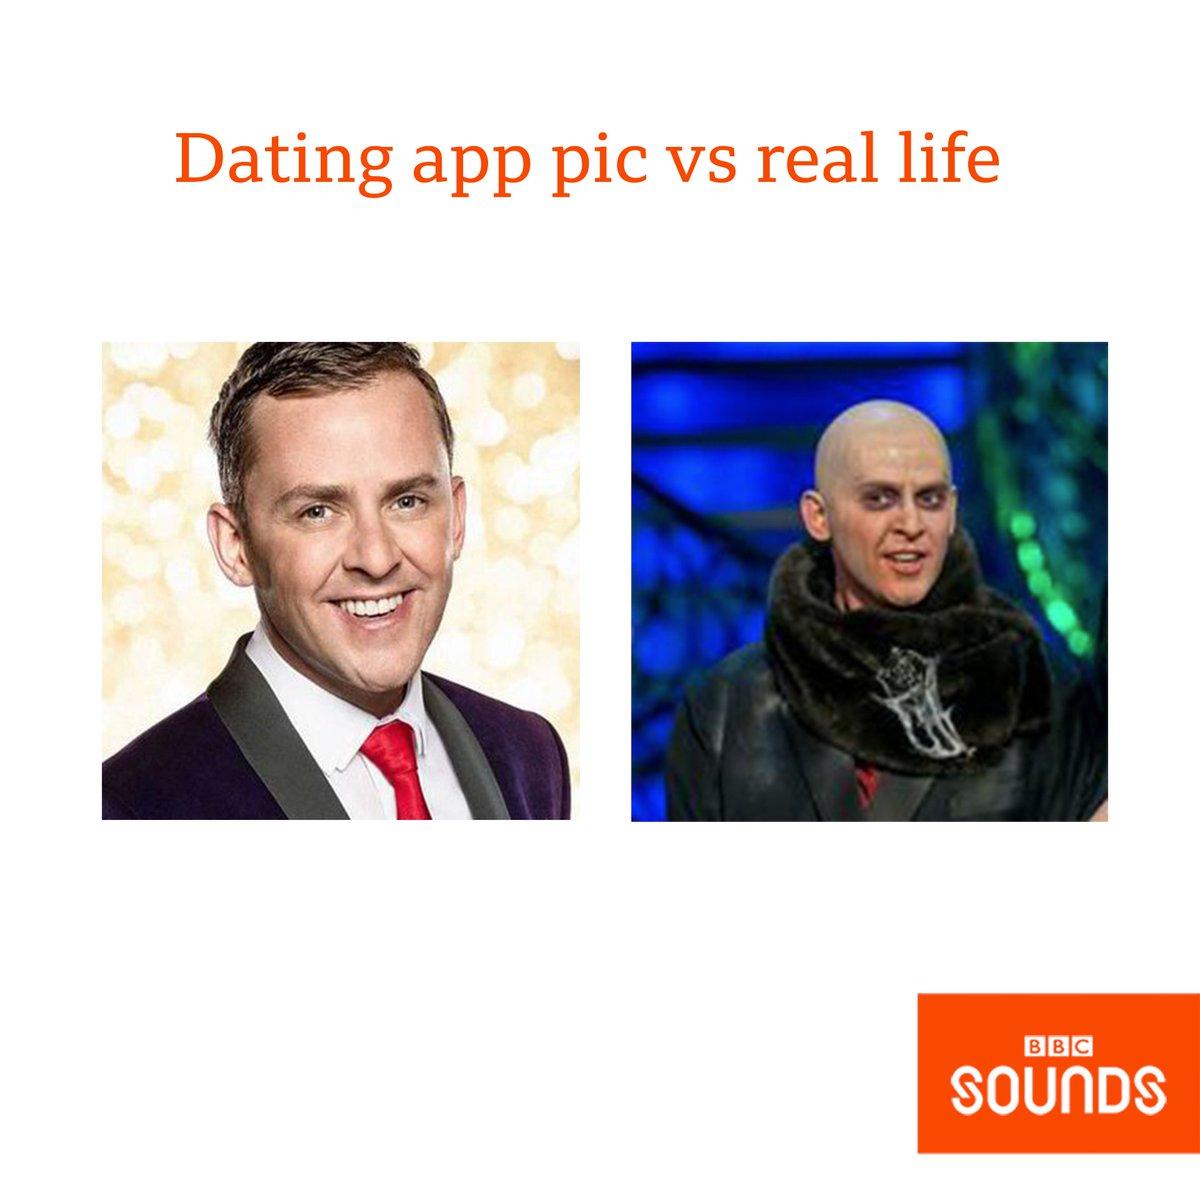 BBC dating apps Vad är några bra verklighet dating visar